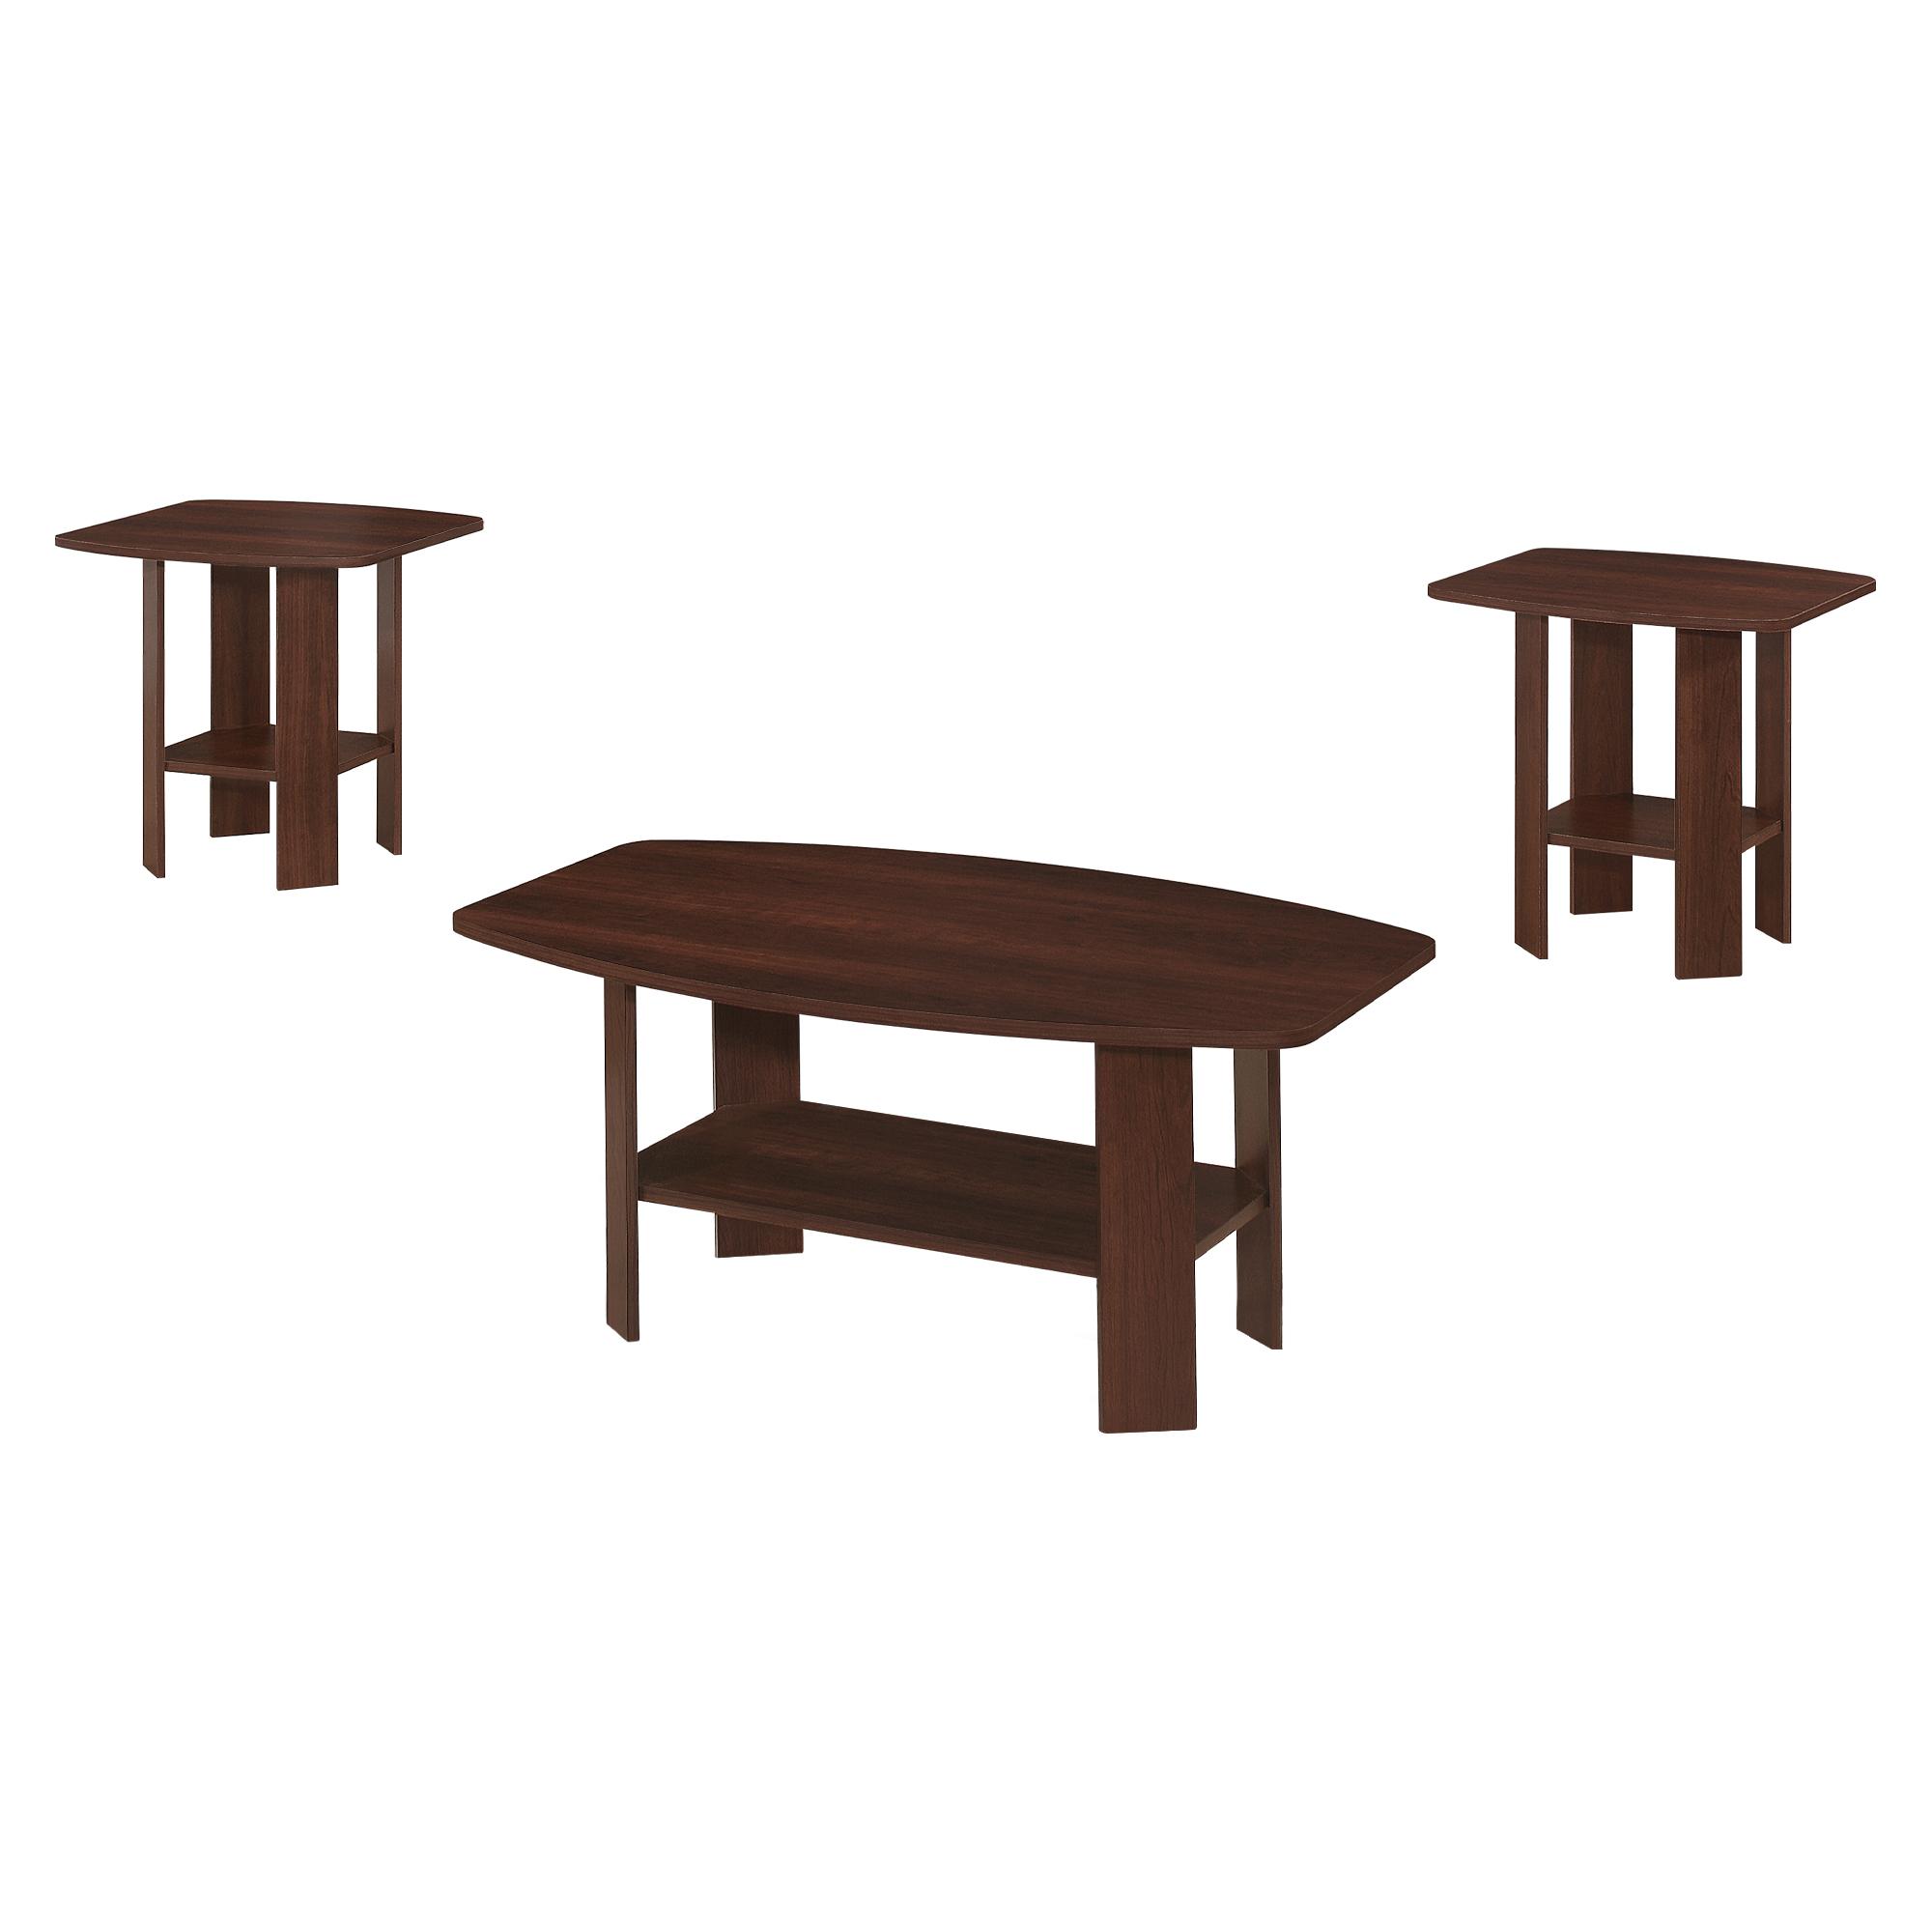 """61.5"""" x 75.5"""" x 55.25"""" Cherry  Table 3pcs Set"""